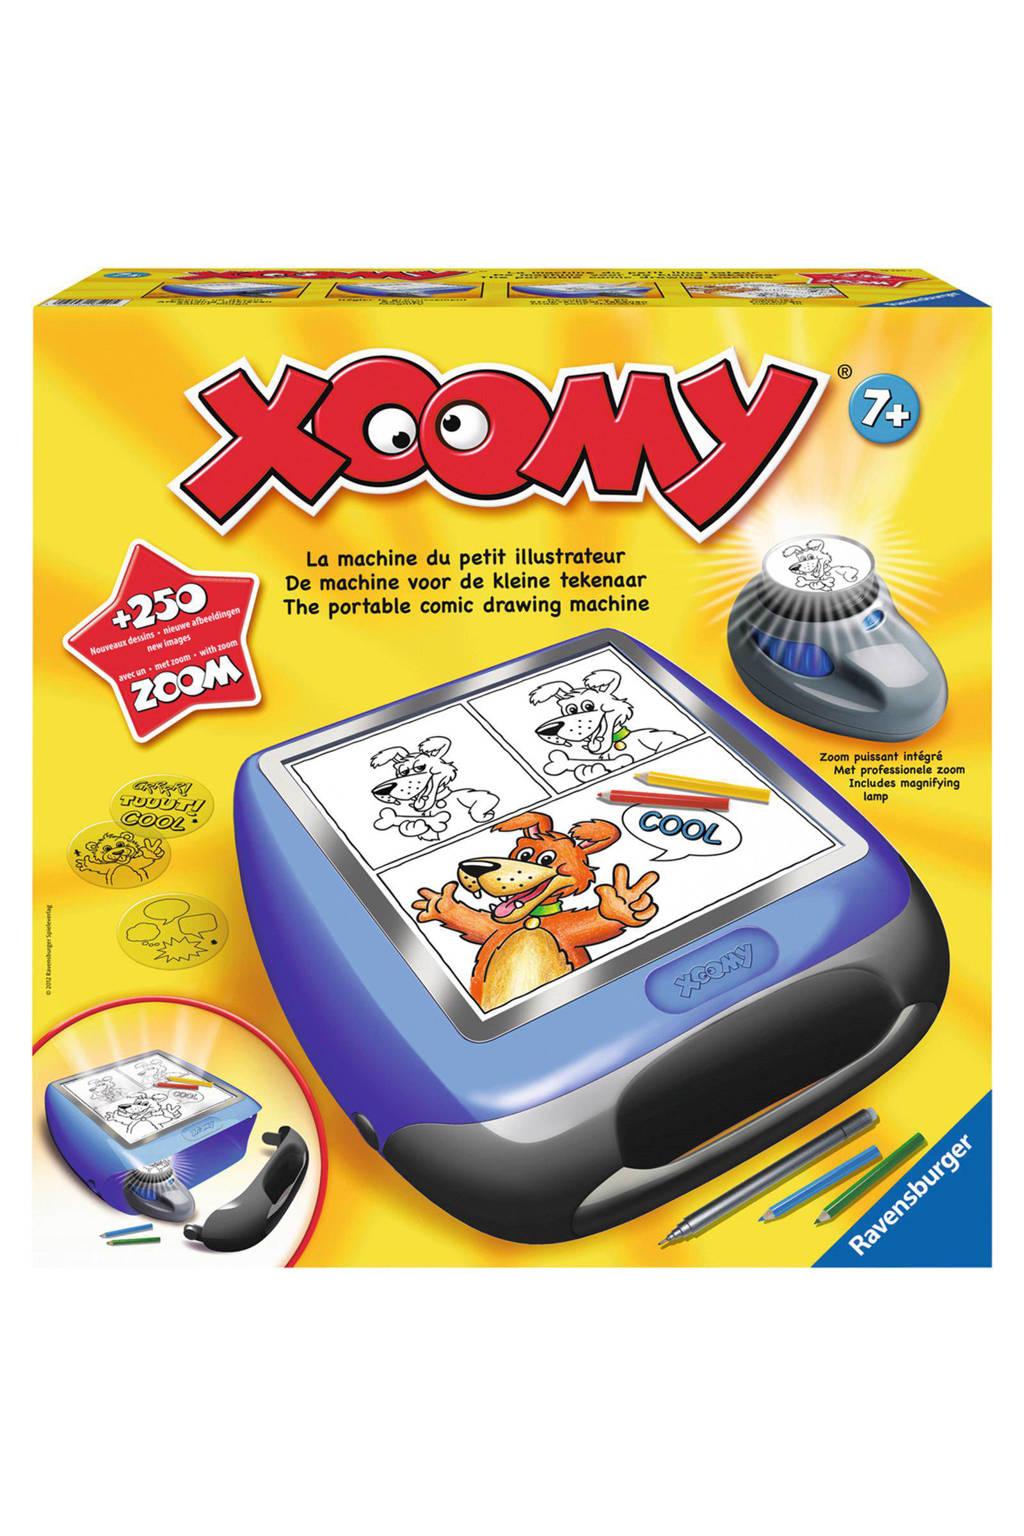 Ravensburger Xoomy tekentafel